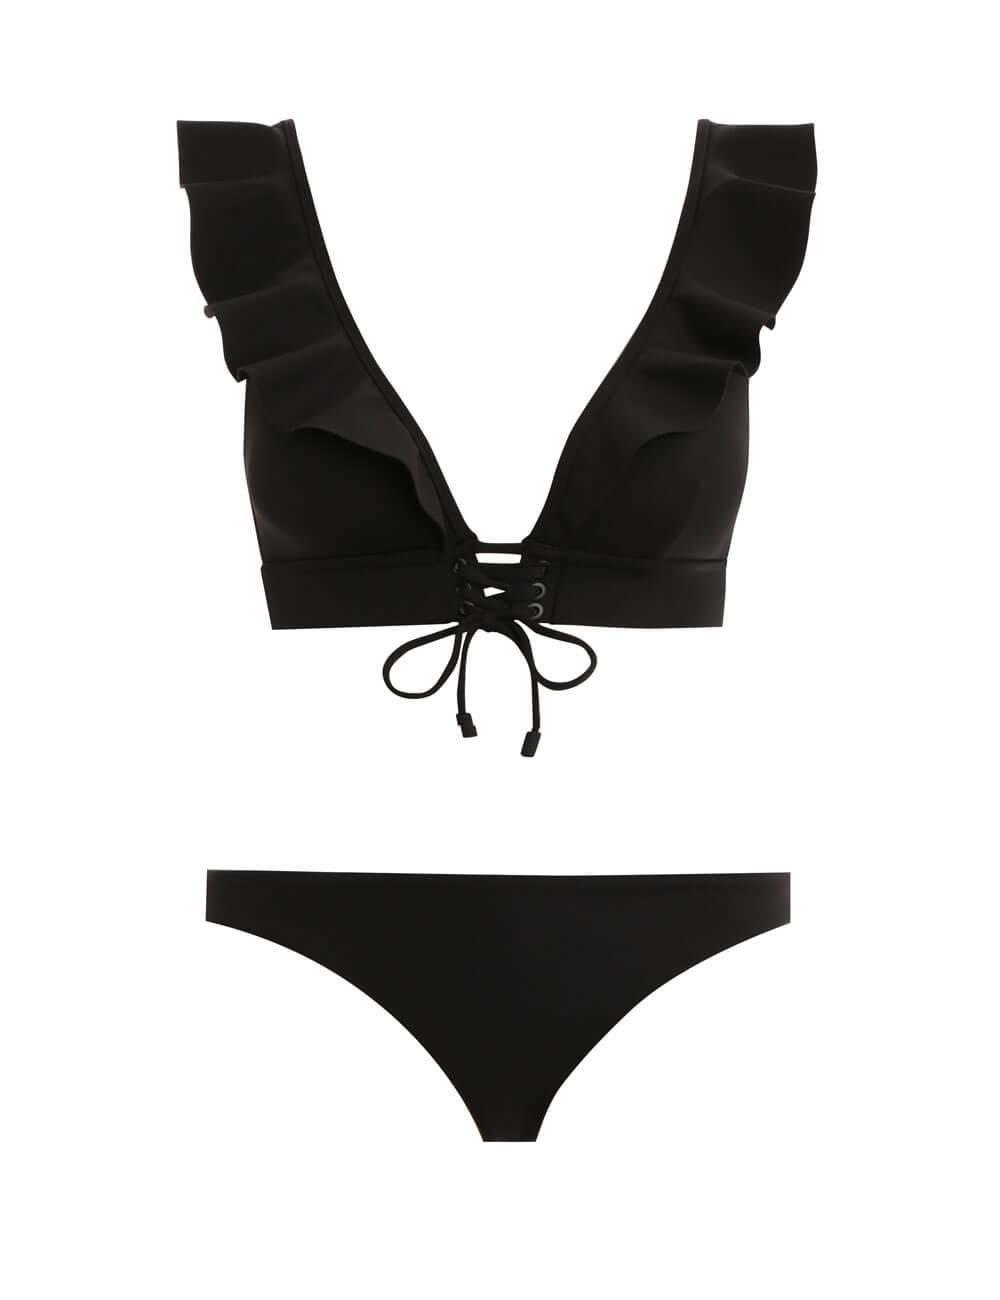 92933d5a196 Shop Women's Designer Bikinis Online | ZIMMERMANN